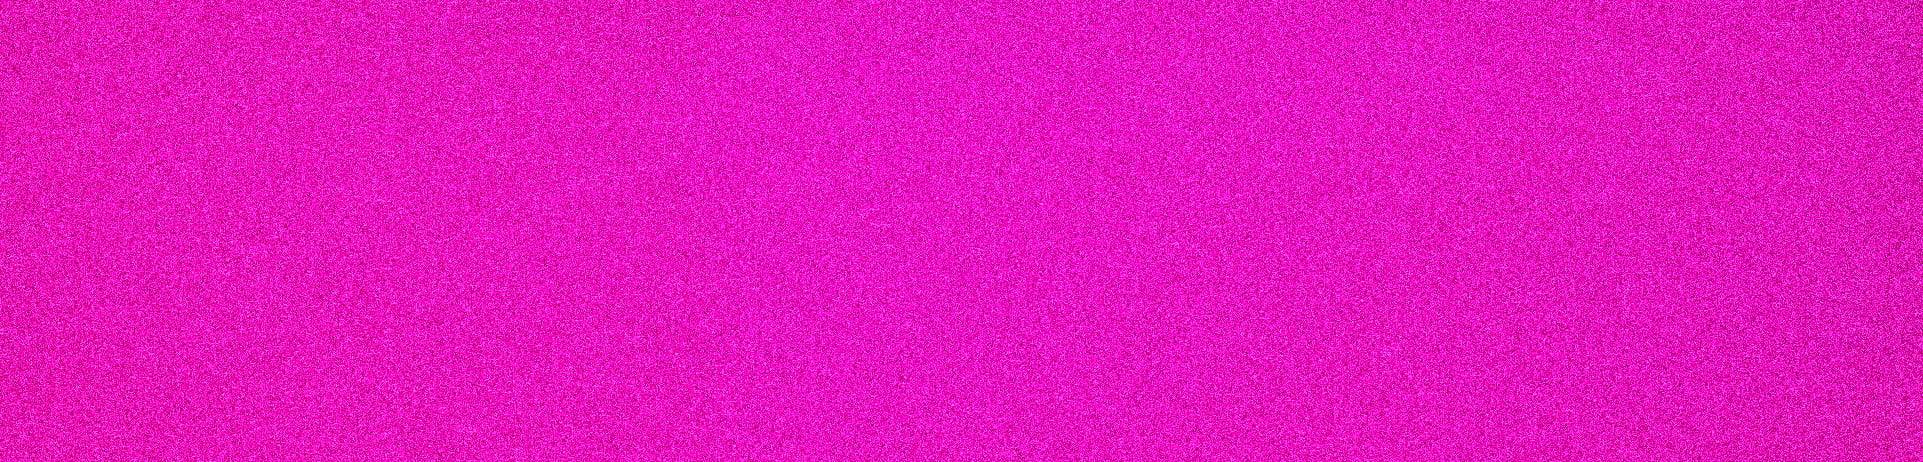 10X48in LONGBOARD SKATEBOARD GRIPTAPE Pink Pro Grip Tape by Black Diamond by